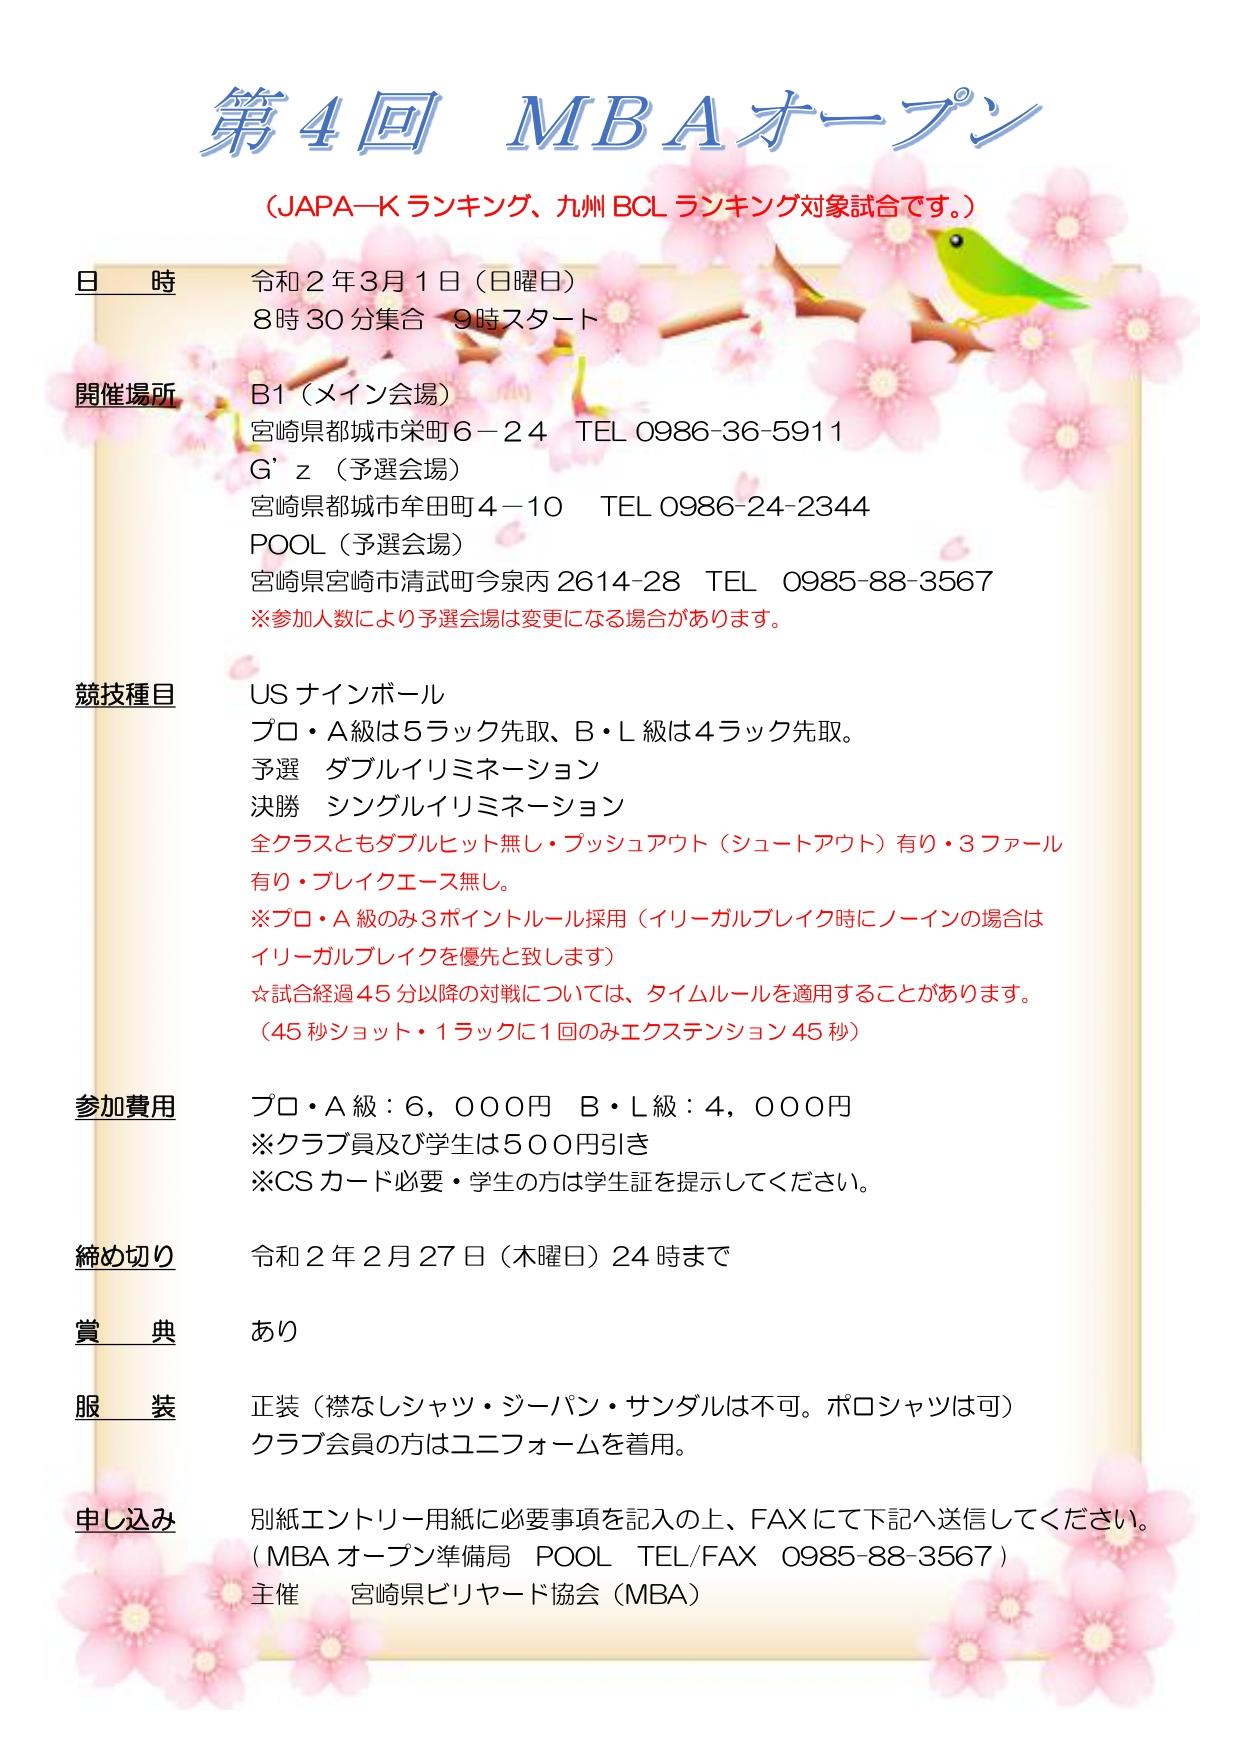 92002_令和2年MBAオープン開催要項_JAPA用 (1)_page-0001 (1)